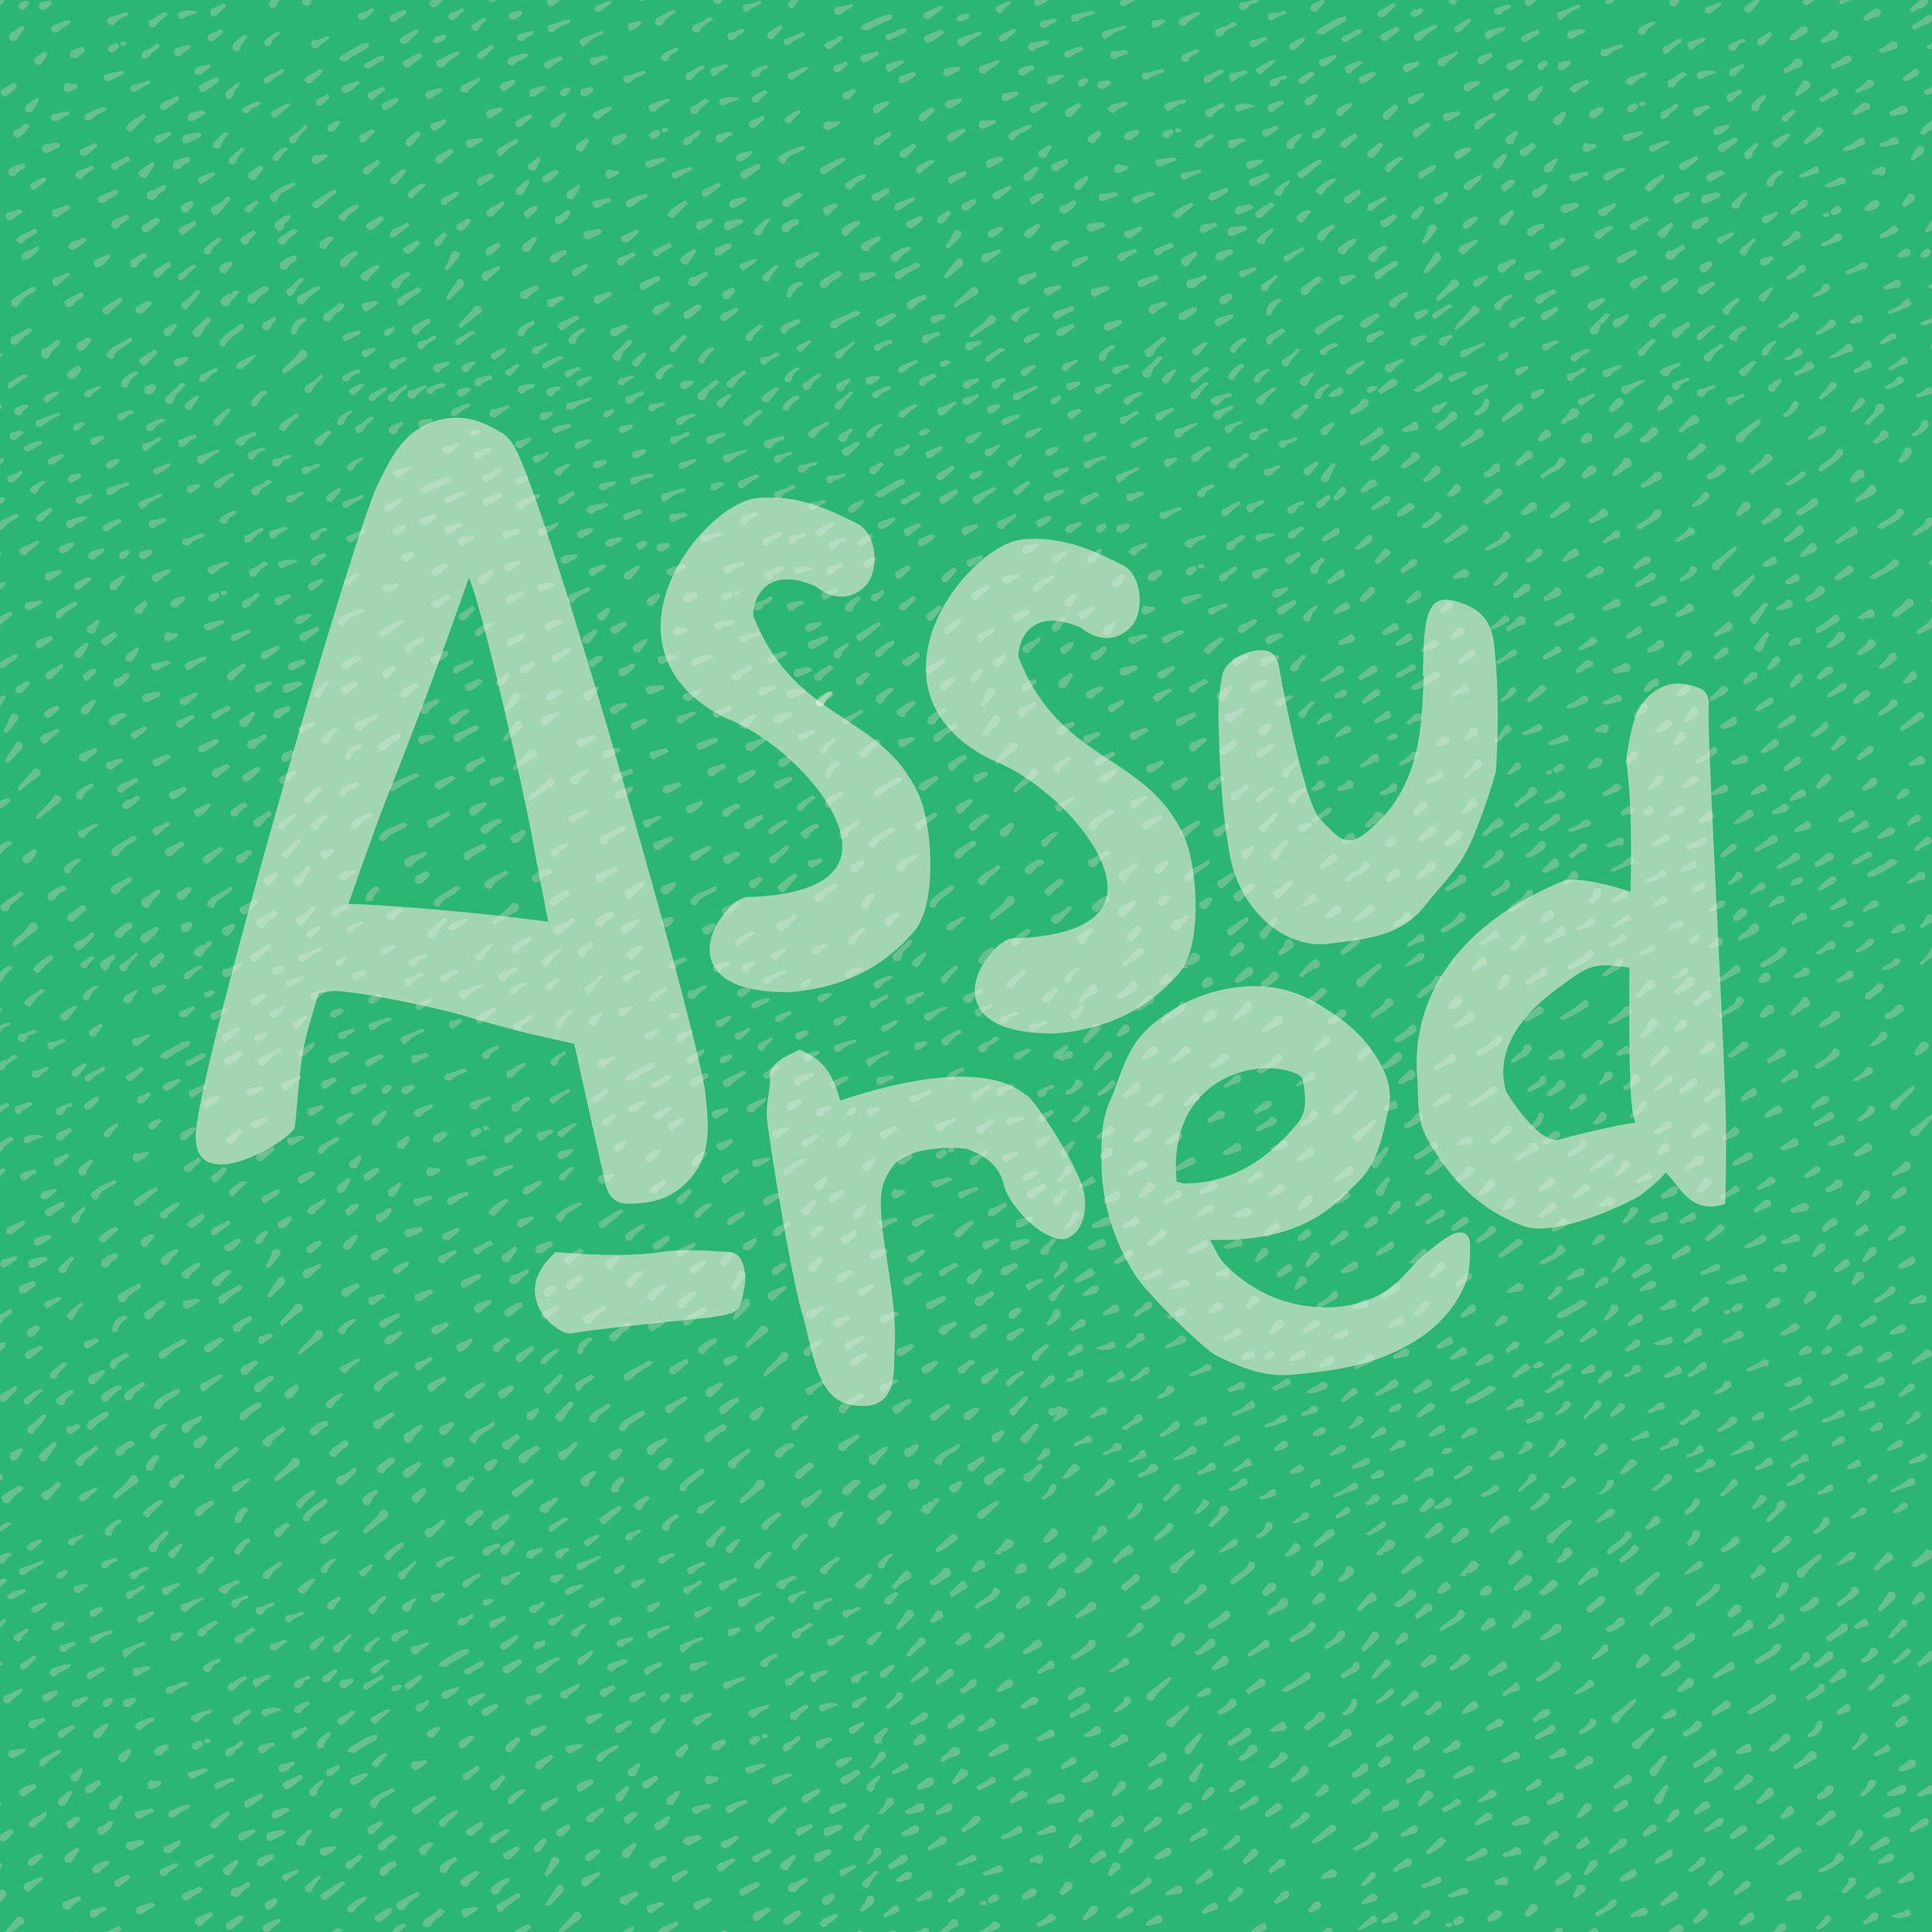 assured-01.jpg